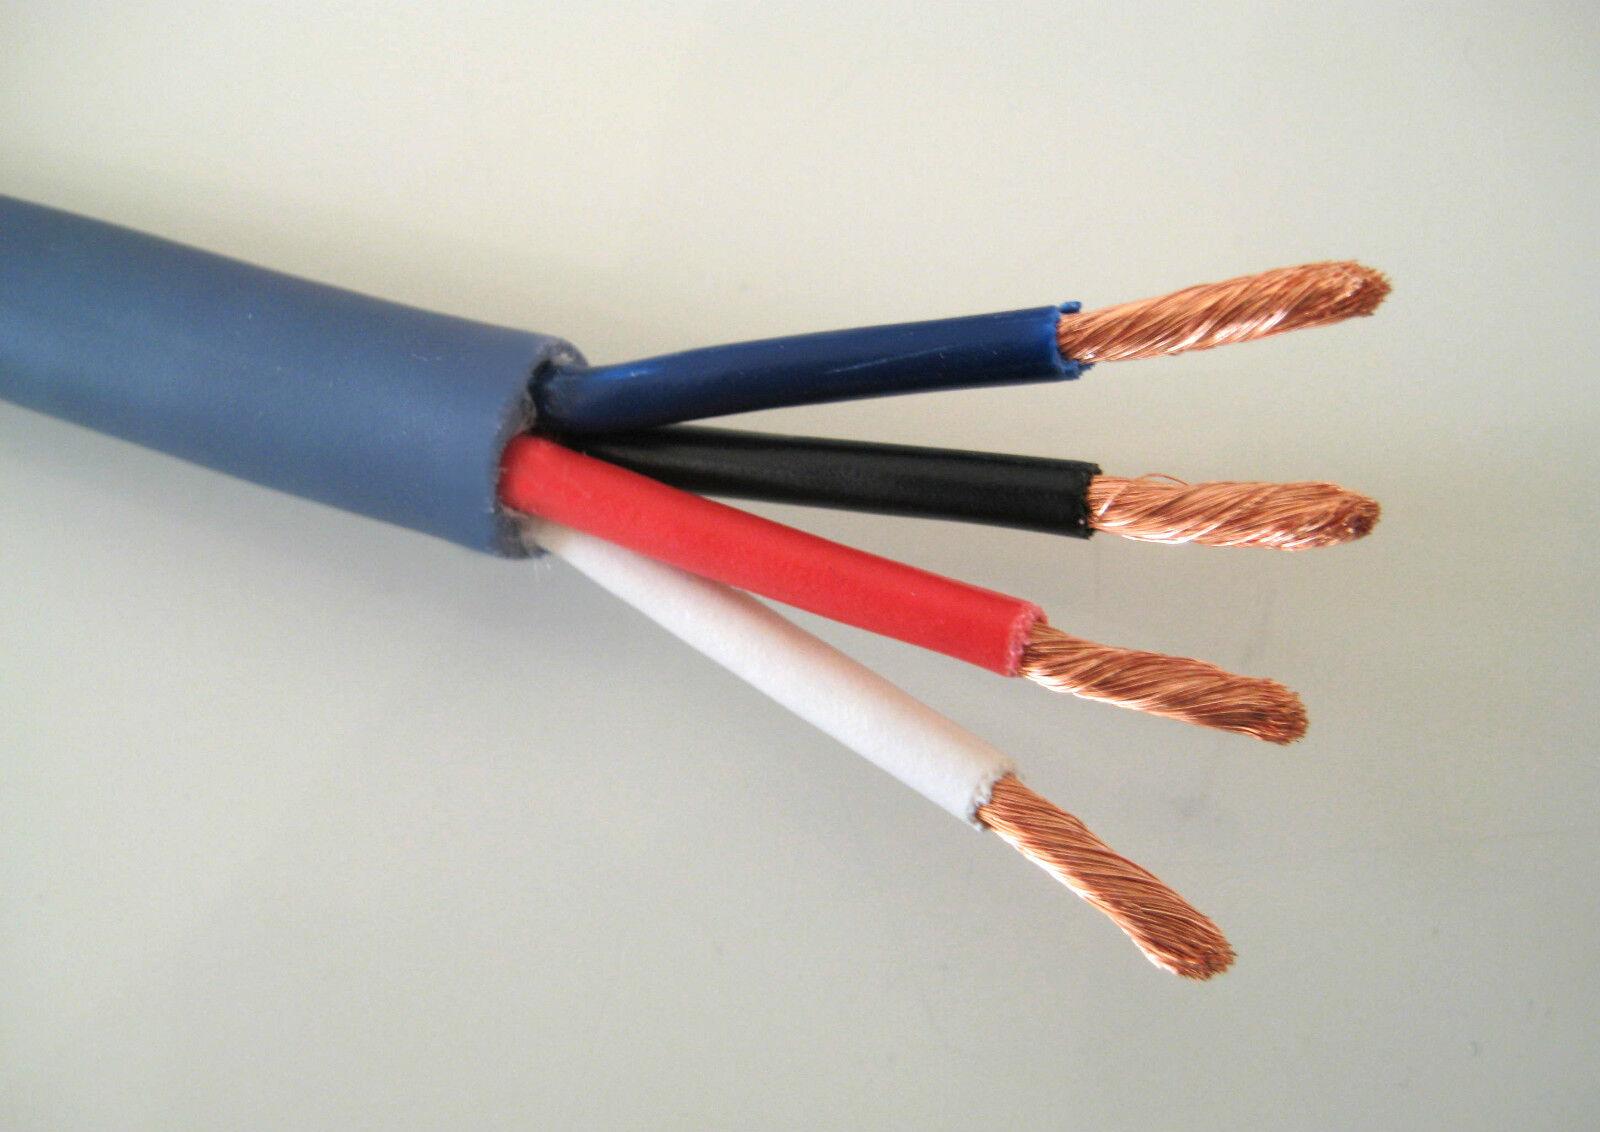 25m rolle lautsprecher kabel boxen kabel 4adrig 4x 2 5 qmm graublau eur 32 00 picclick de. Black Bedroom Furniture Sets. Home Design Ideas